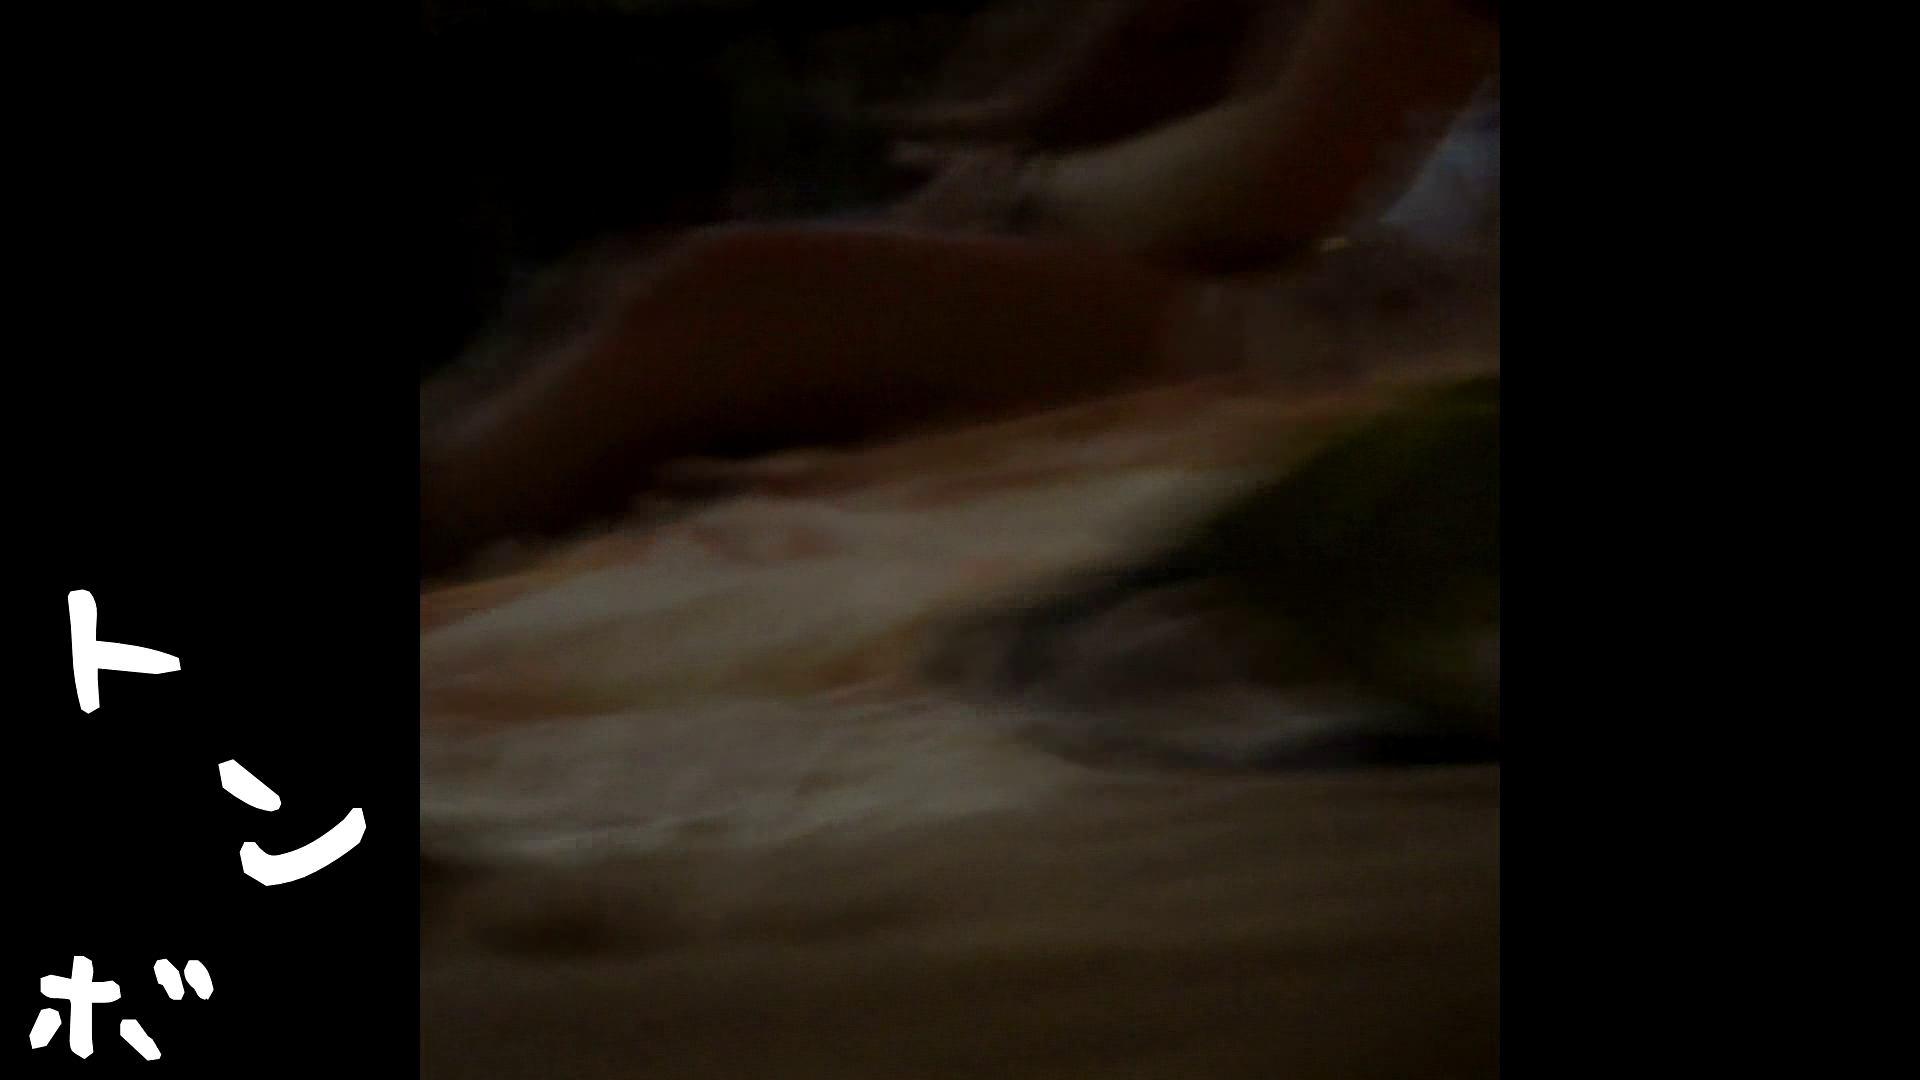 リアル盗撮 むっちりお女市さんの私生活ヌード 潜入エロ調査   高画質  78連発 30